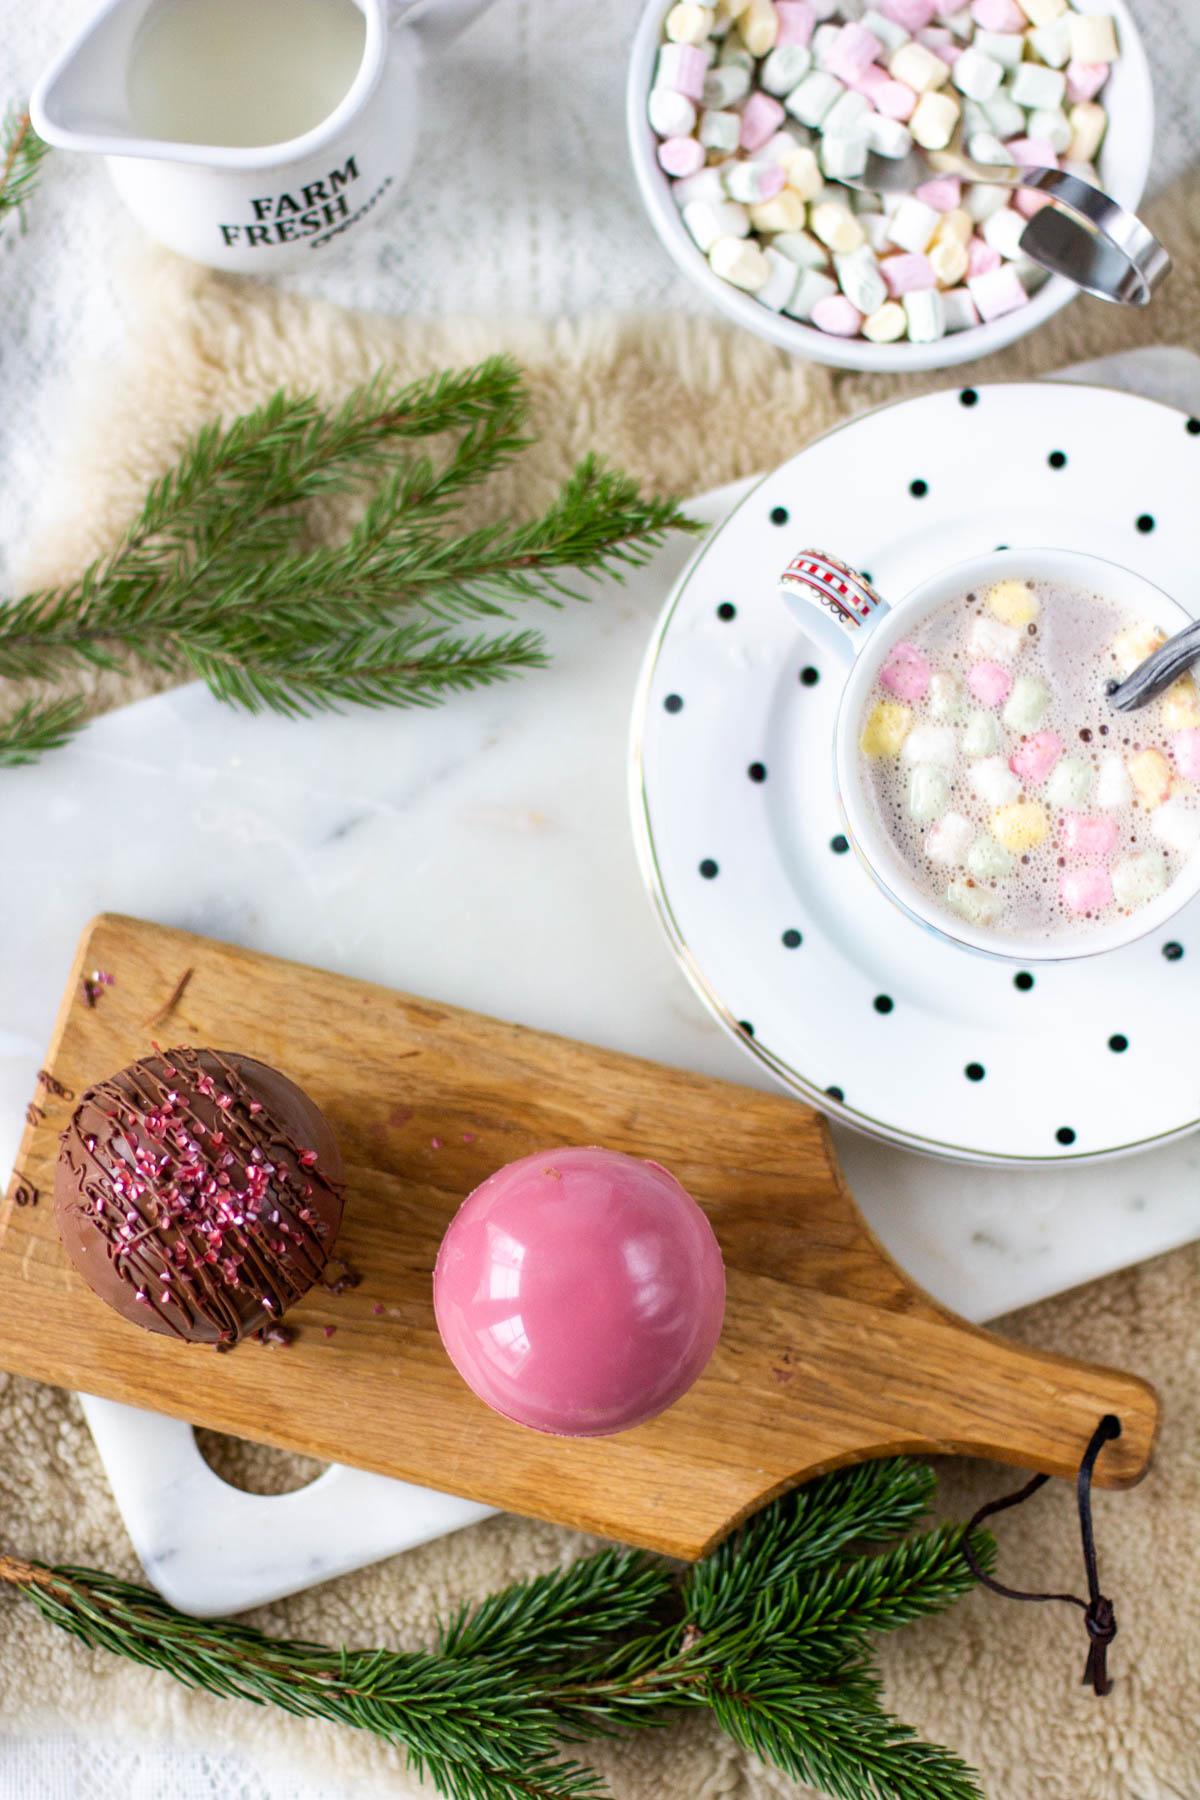 Valmiit ruby- ja maitosuklaasta tehdyt kaakaojuomapallot